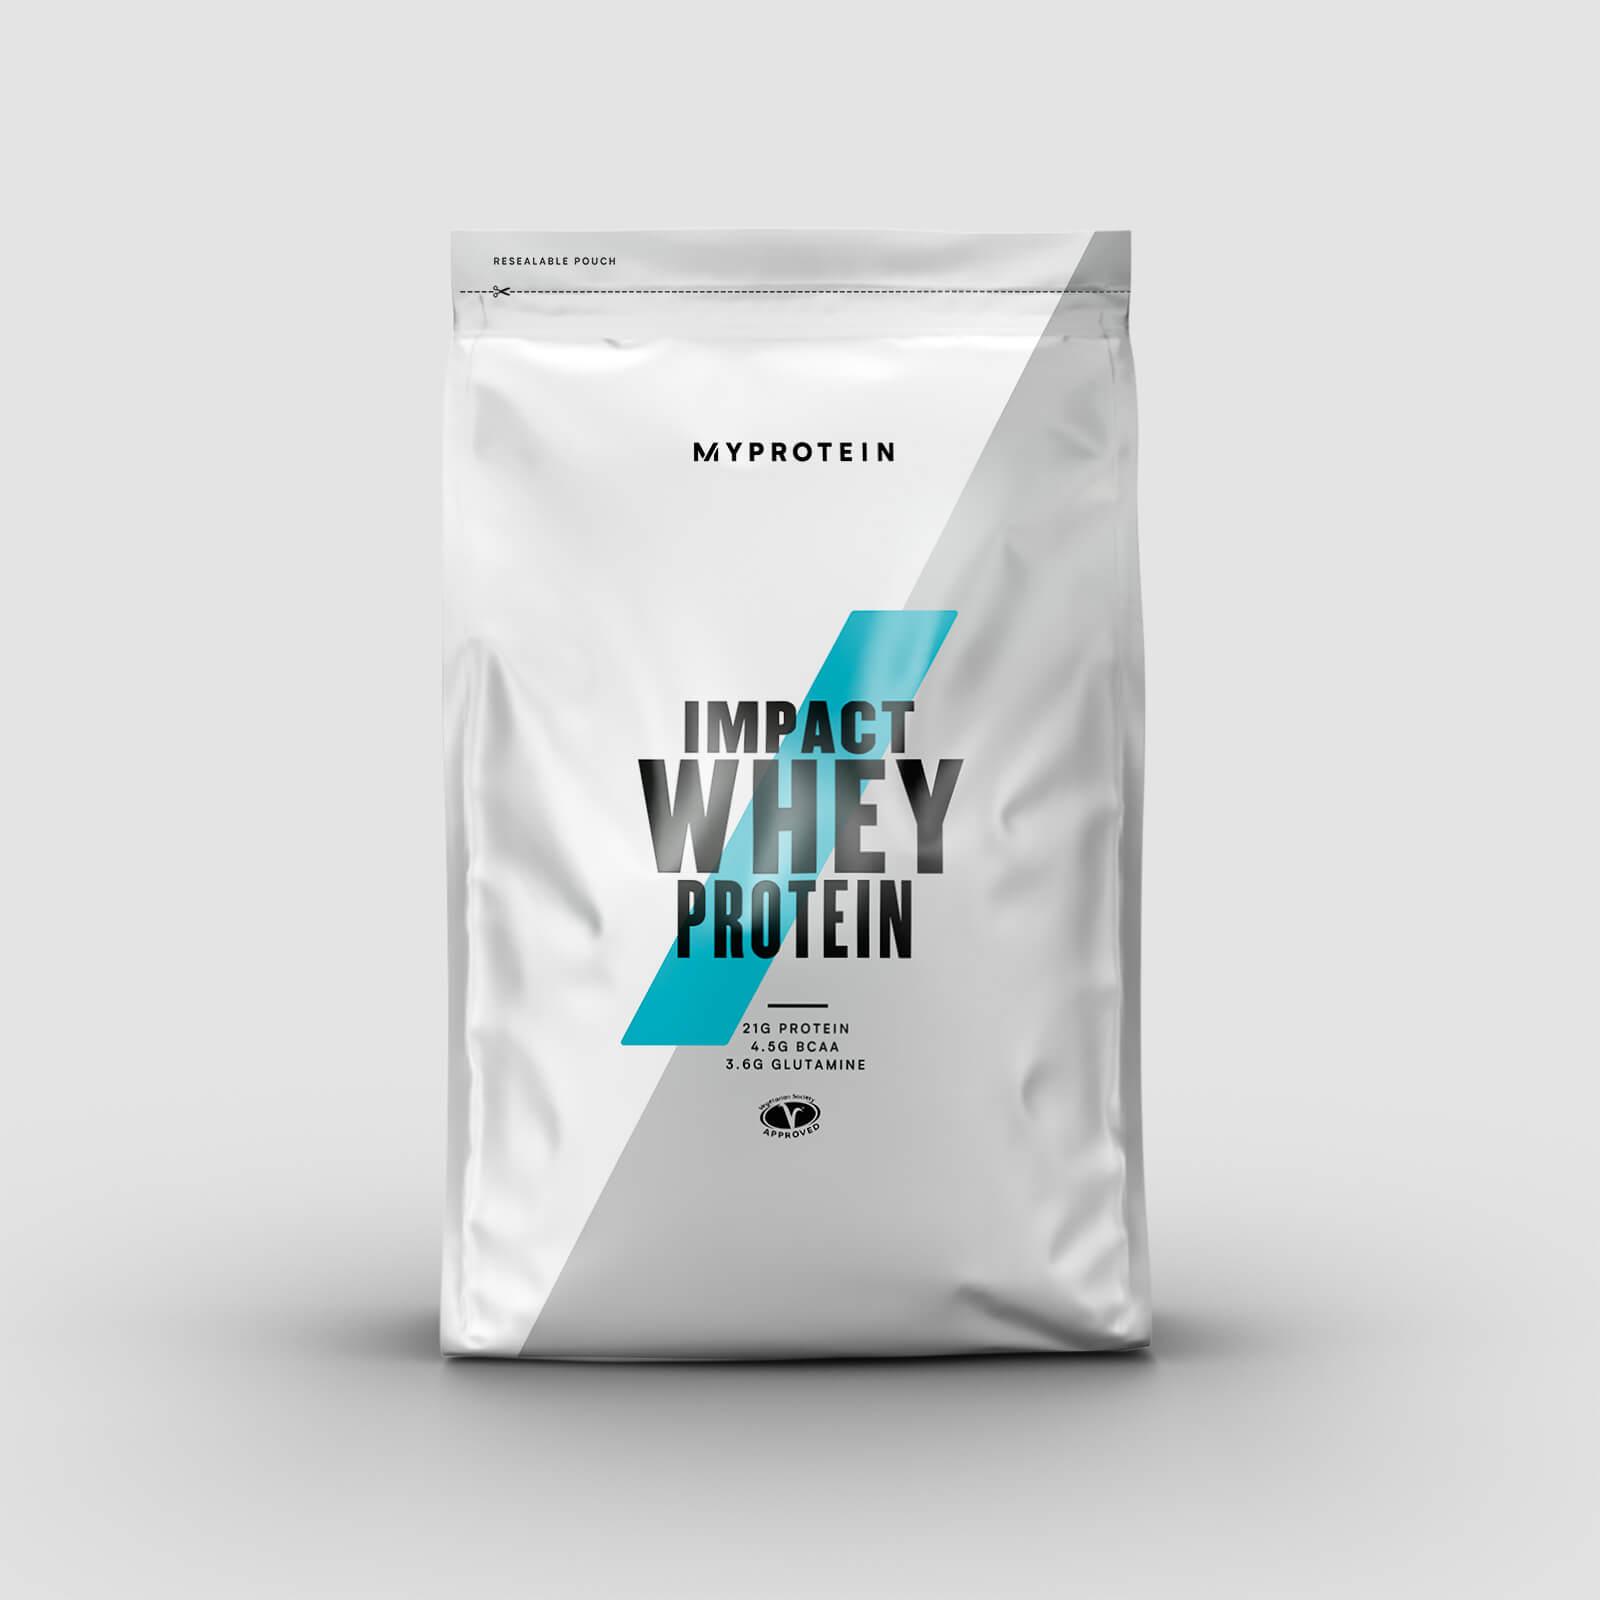 Myprotein Impact Whey Protein 250g - 250g - Sans arôme ajouté